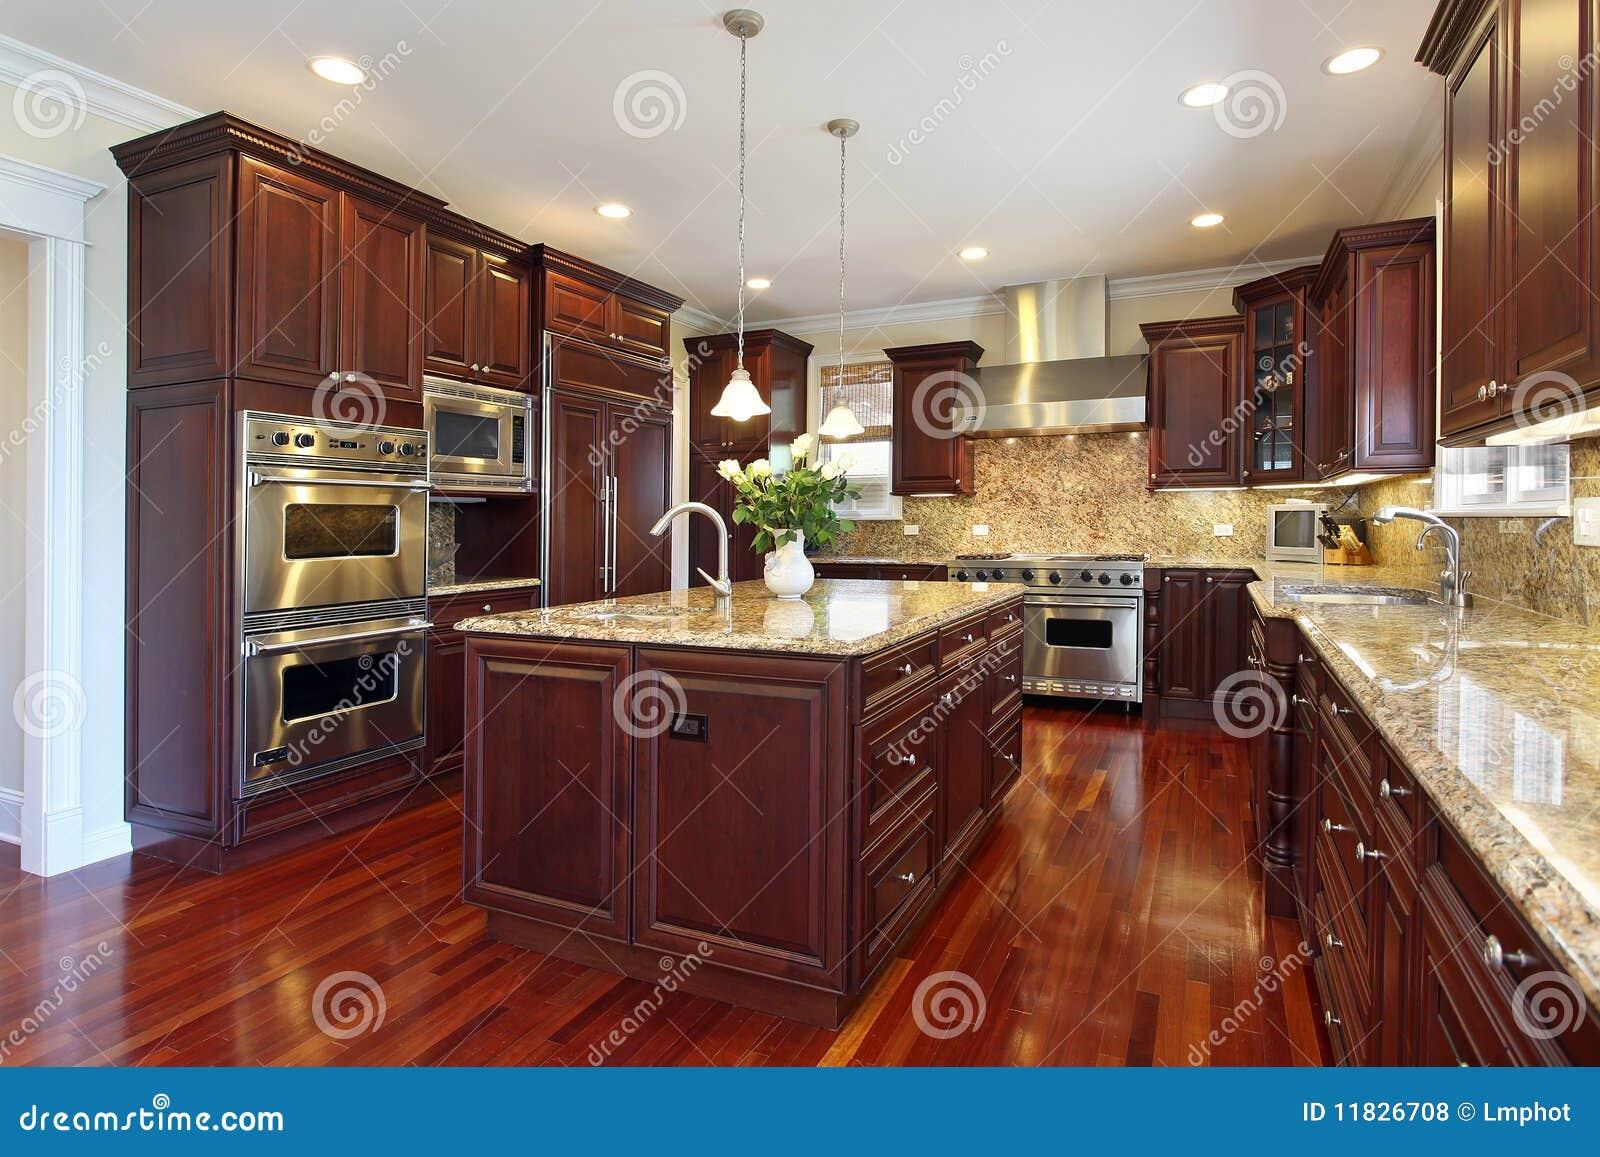 #82A229 Cozinha Com Cabinetry Da Madeira Da Cereja Fotos de Stock Royalty Free  1300x957 px Melhoria Home Da Cozinha_10 Imagens